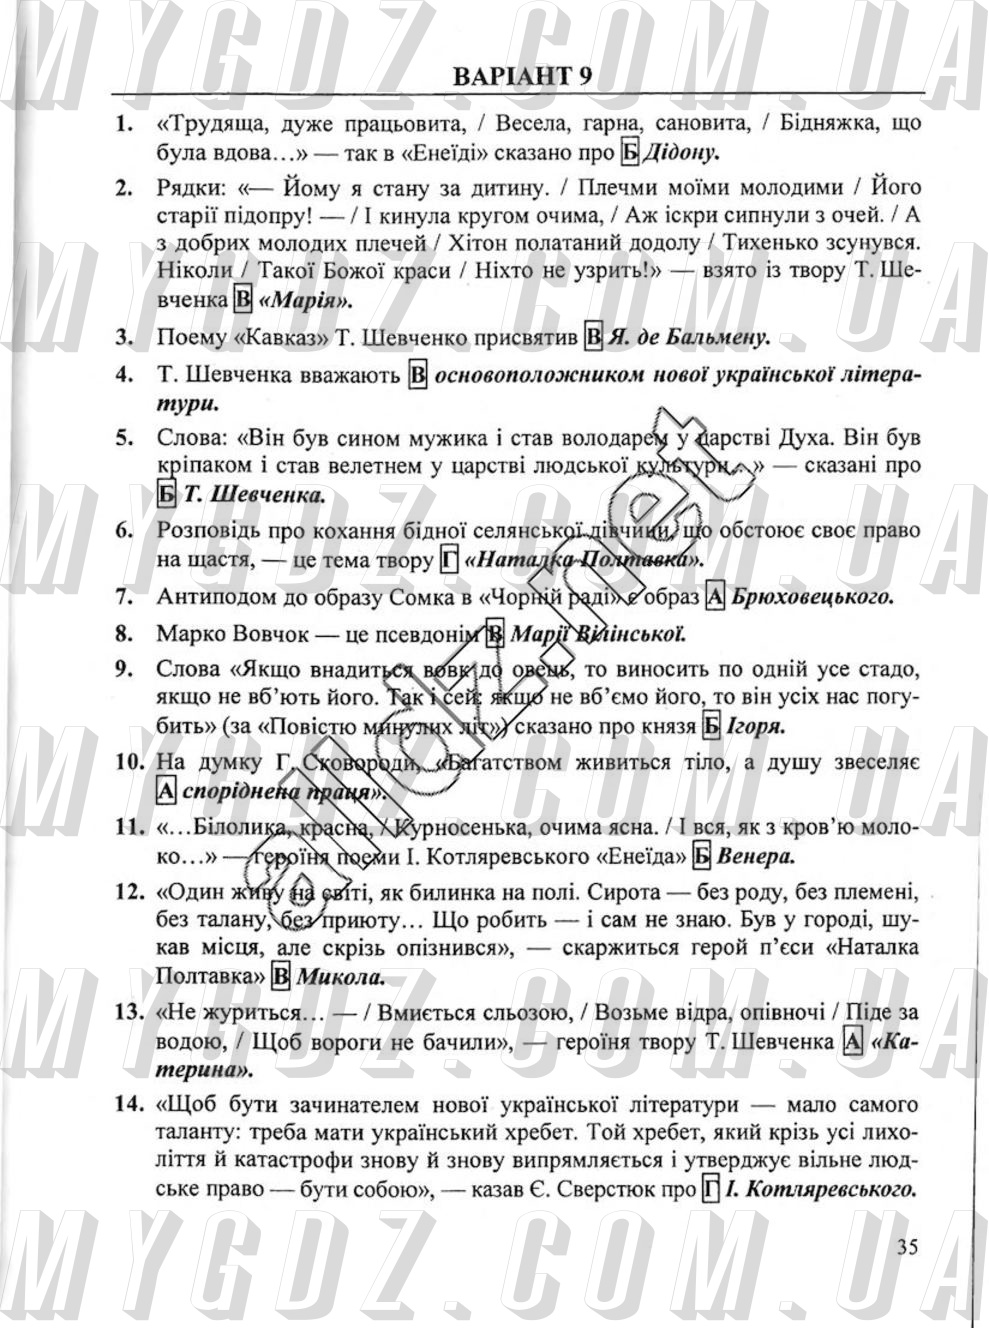 ГДЗ Сторінка 35 2017 Витвицька 9 клас